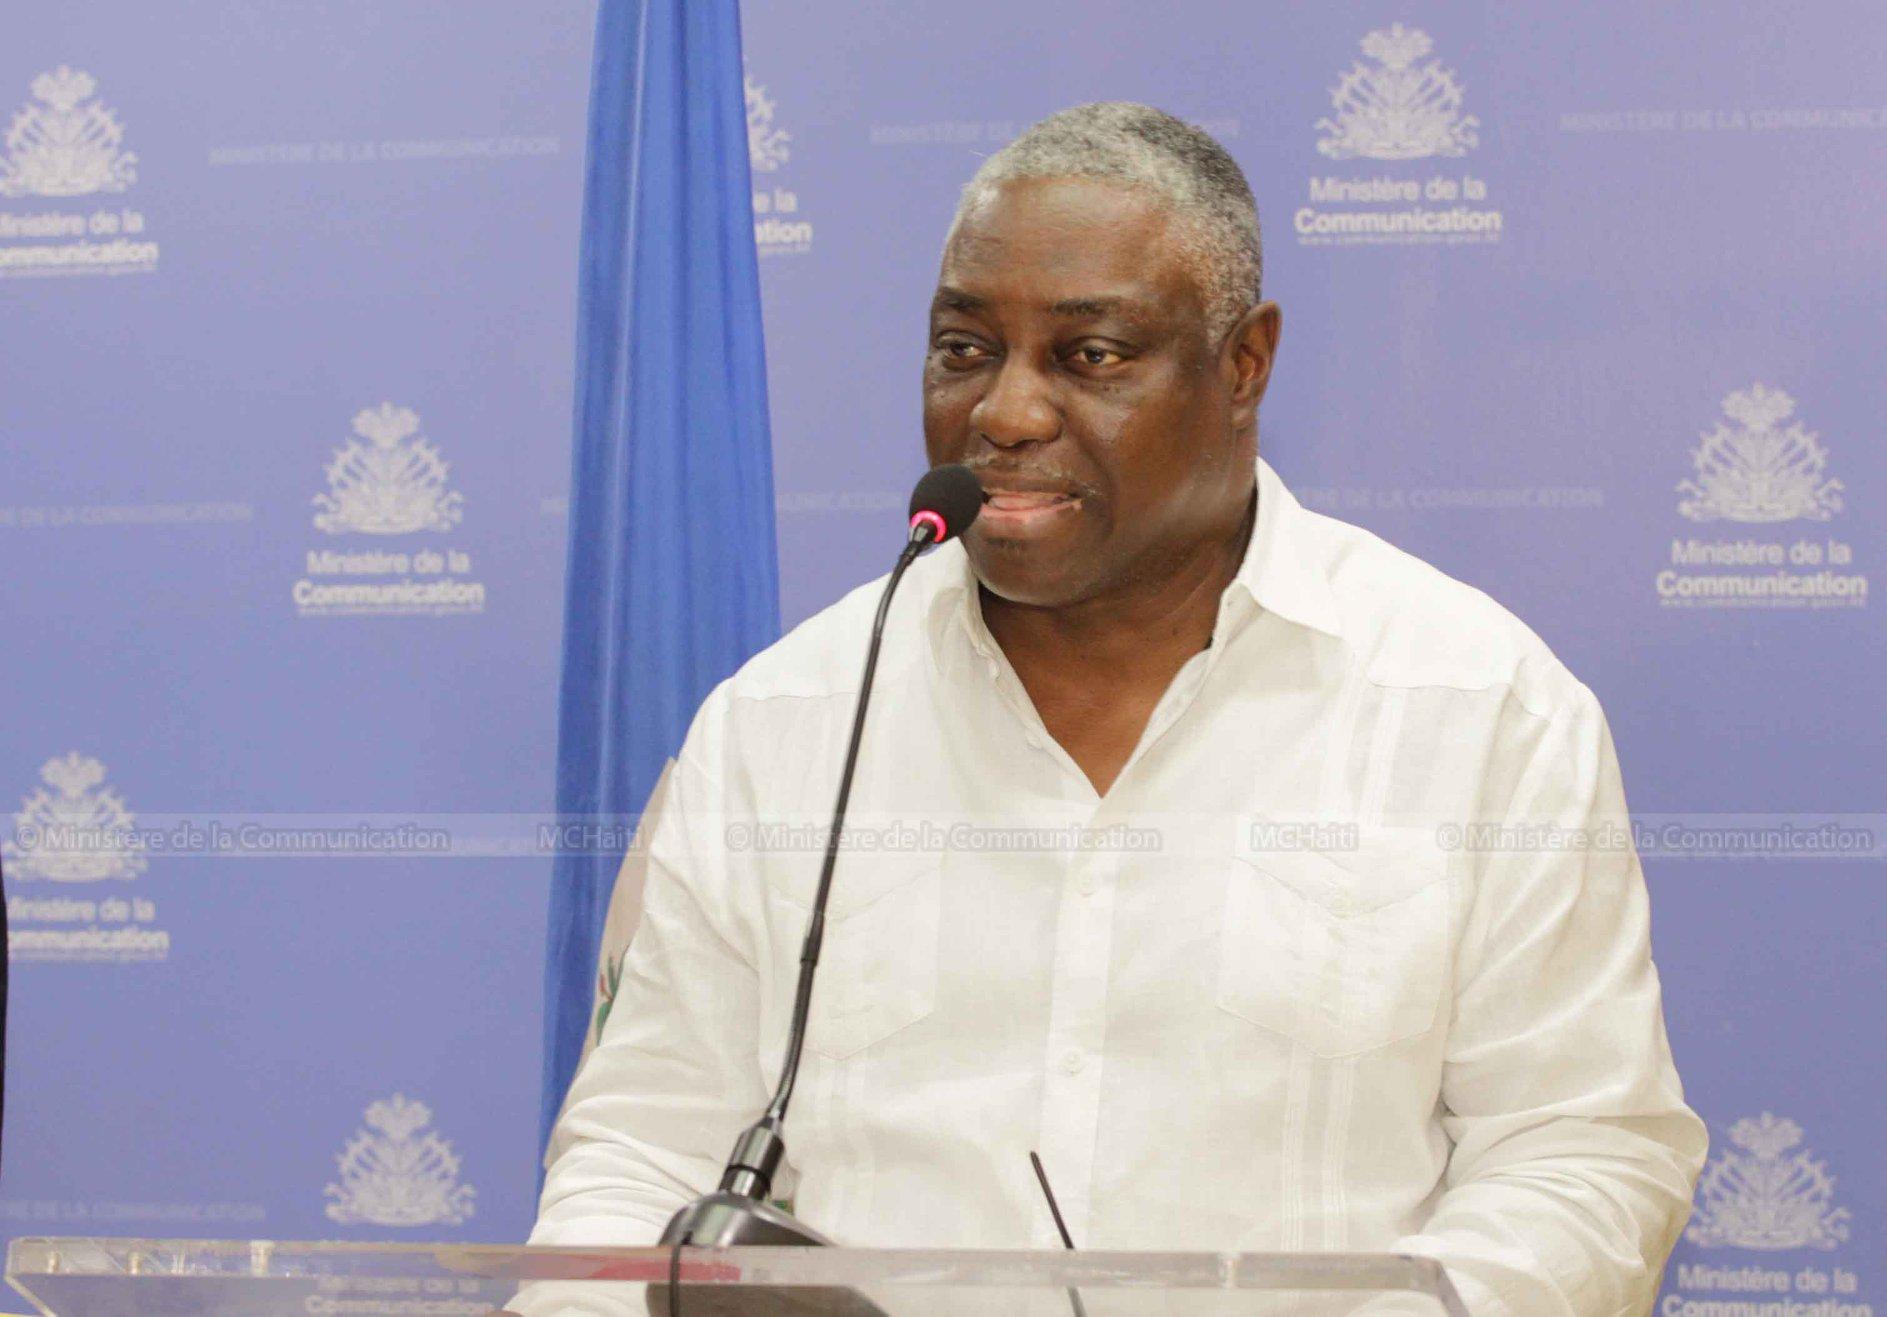 Le Directeur général de l'EDH, l'ing. Hervé Pierre Louis.